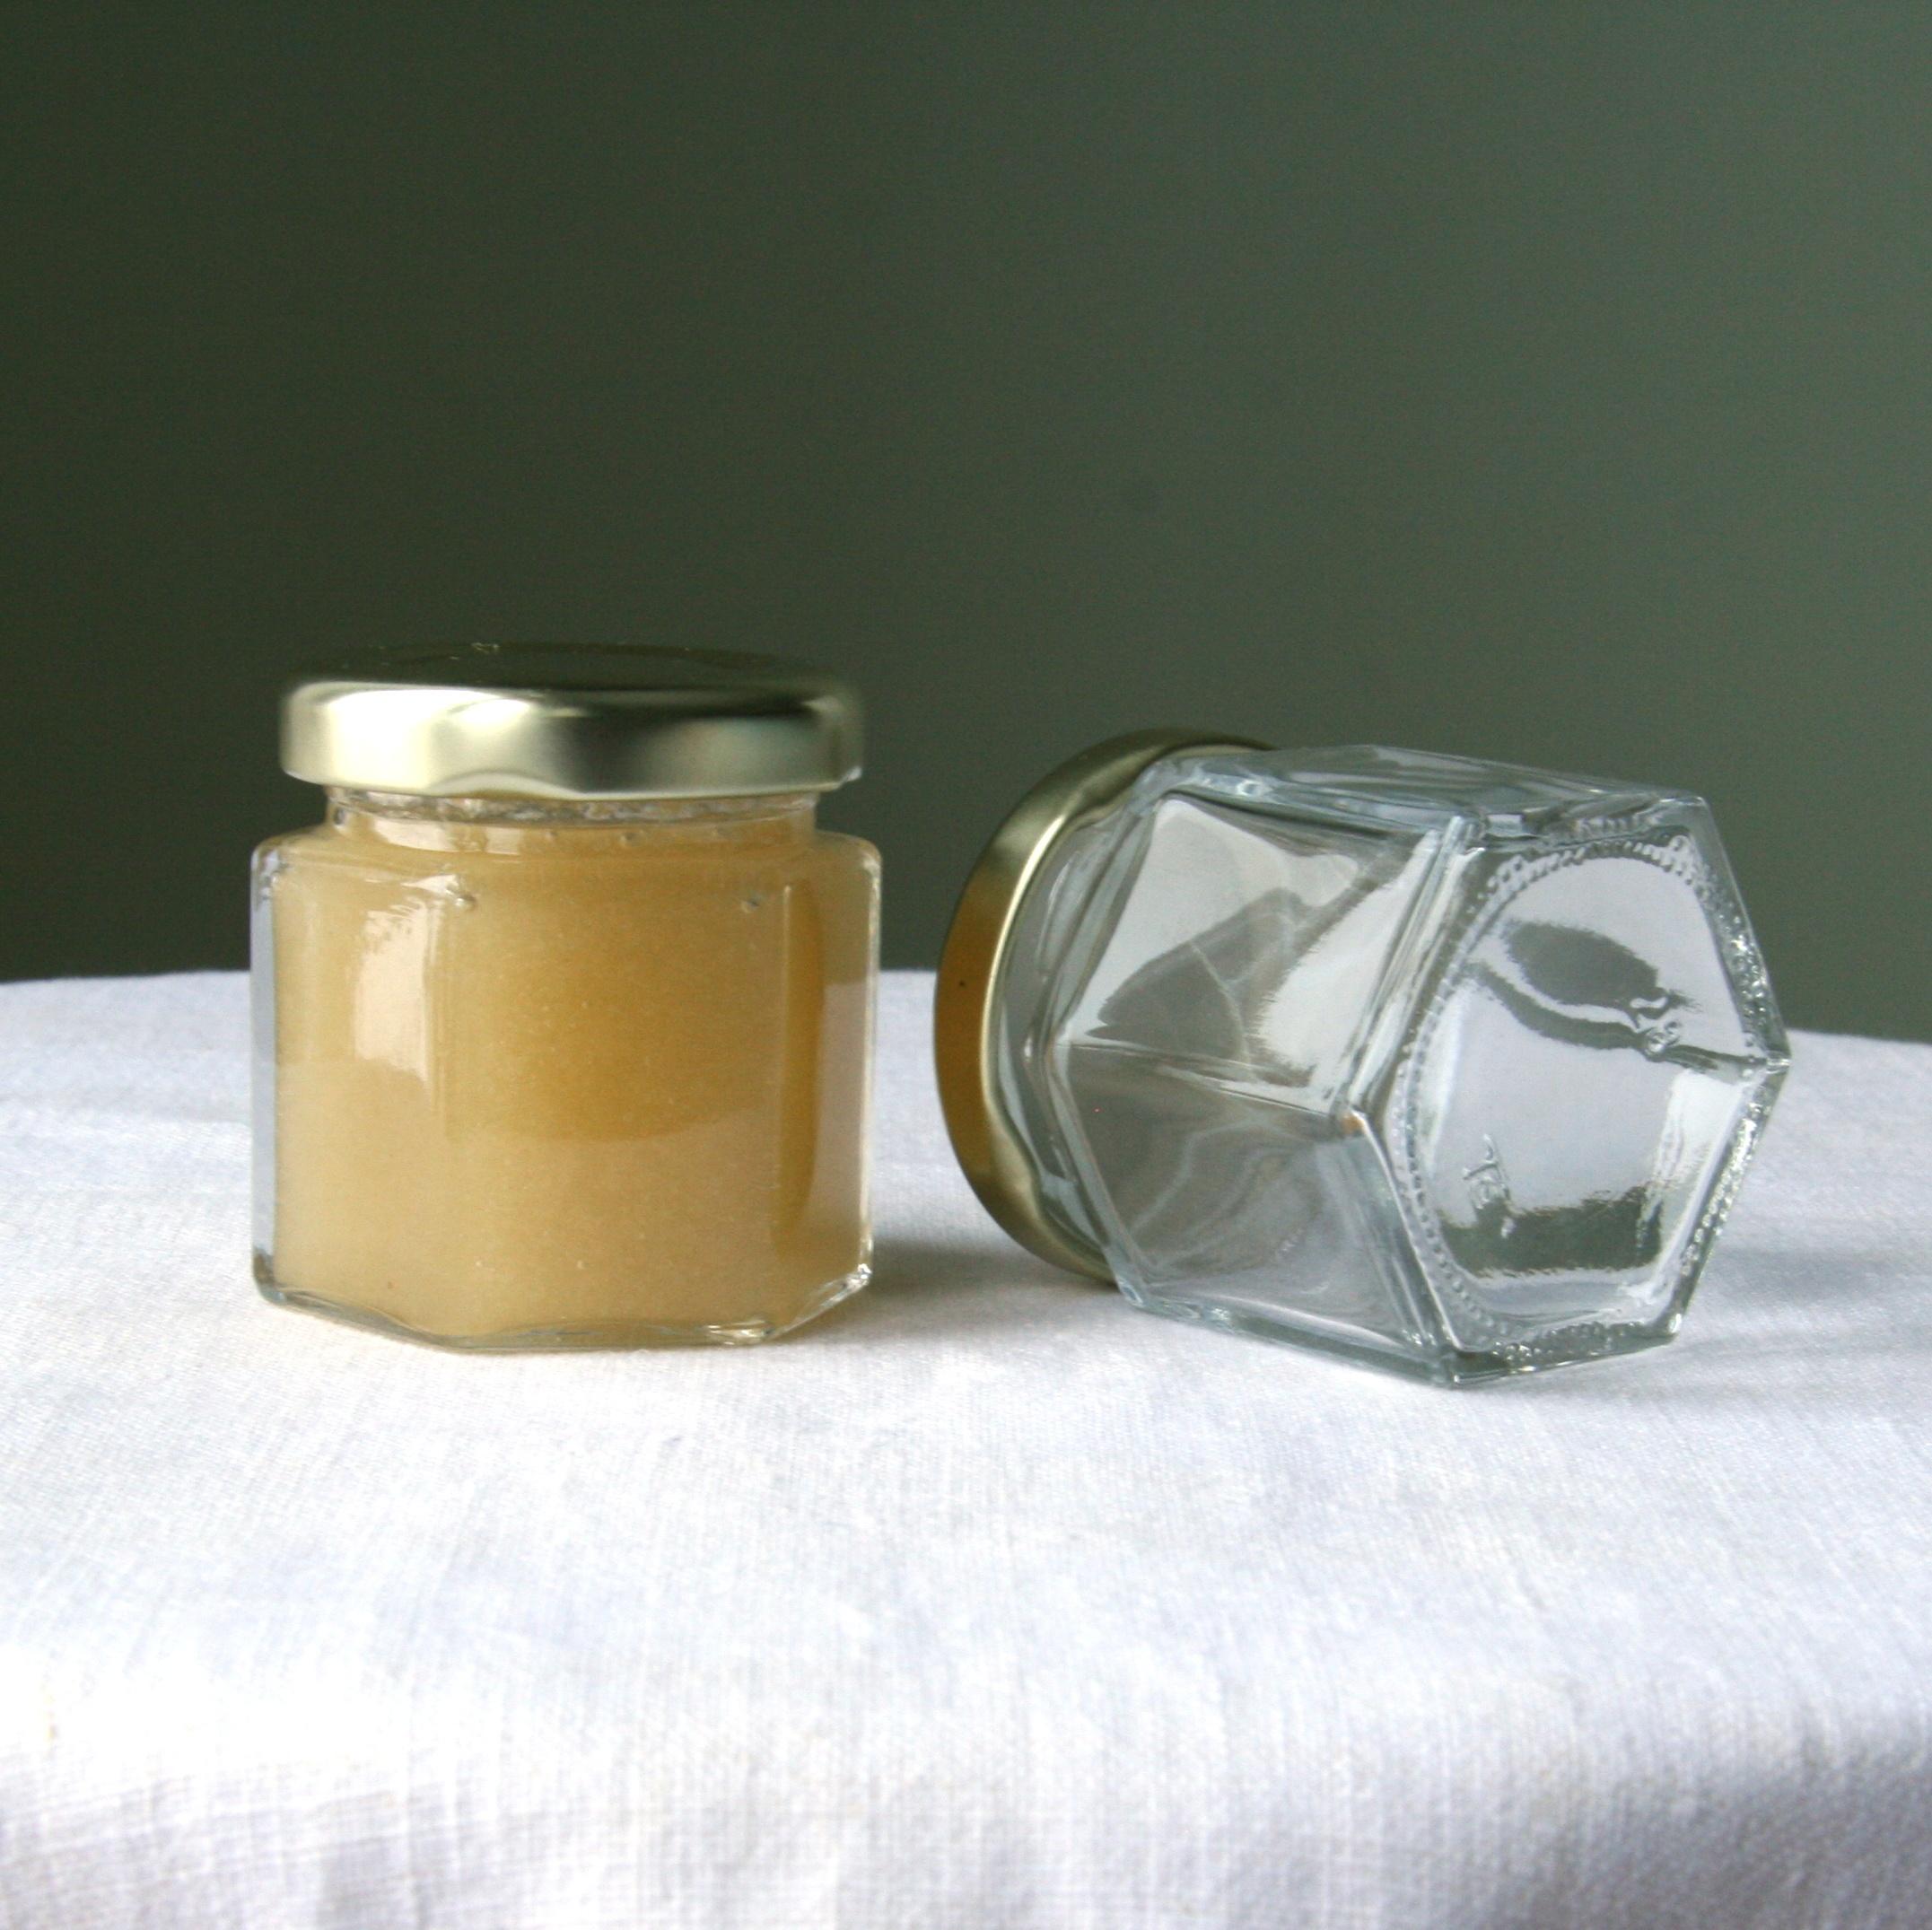 Šešiabriaunis 50g medaus indelis